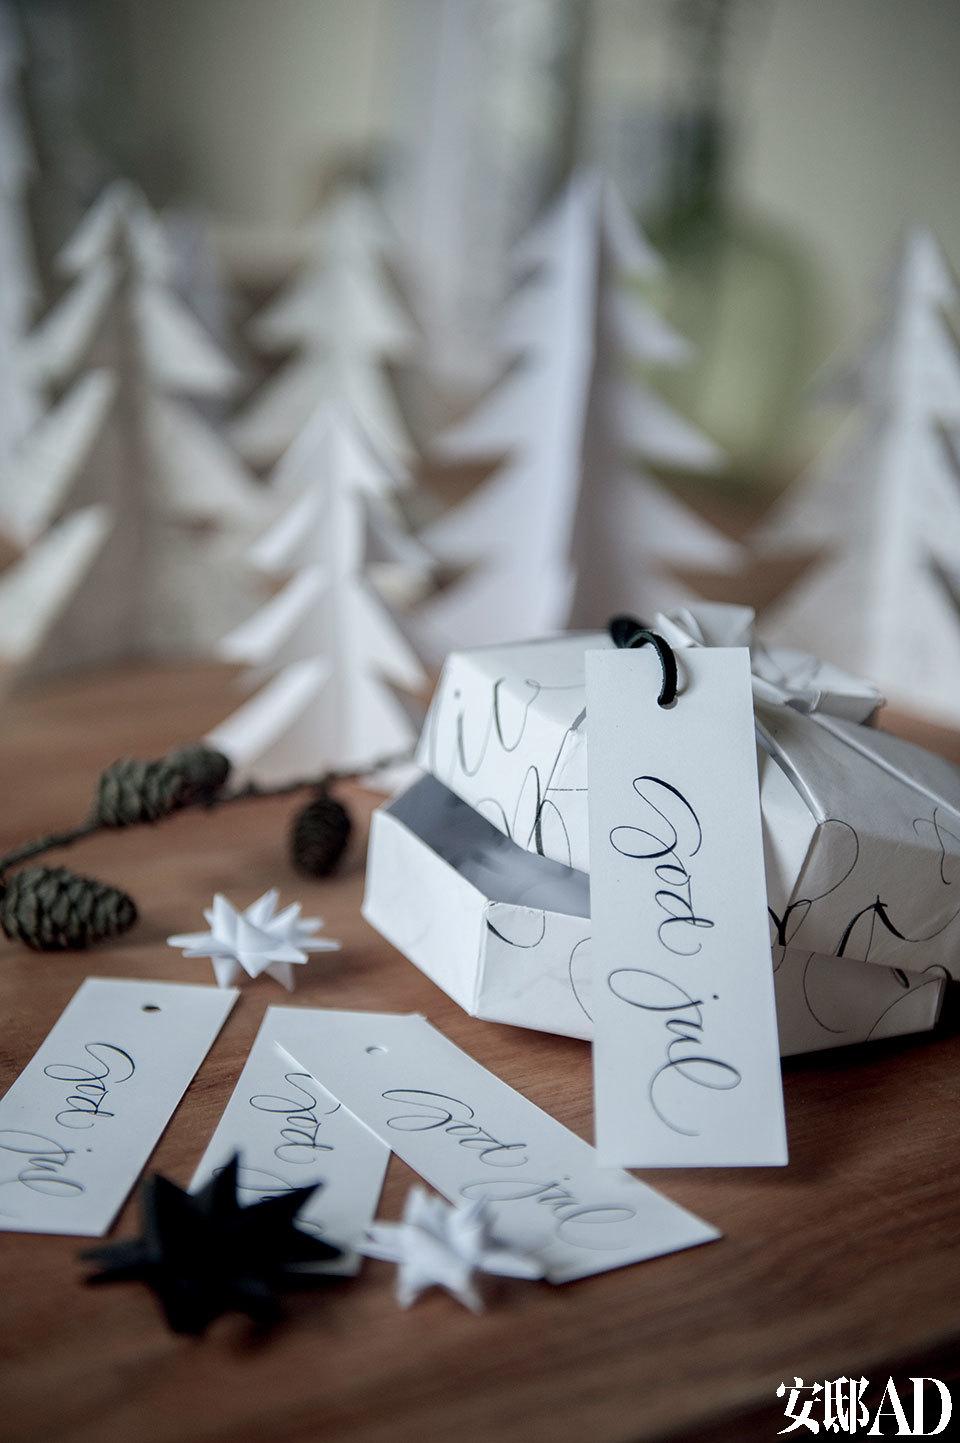 客厅的木制滚轮小桌上摆放着白色的手工圣诞树和Ylva创作的艺术字母标签。